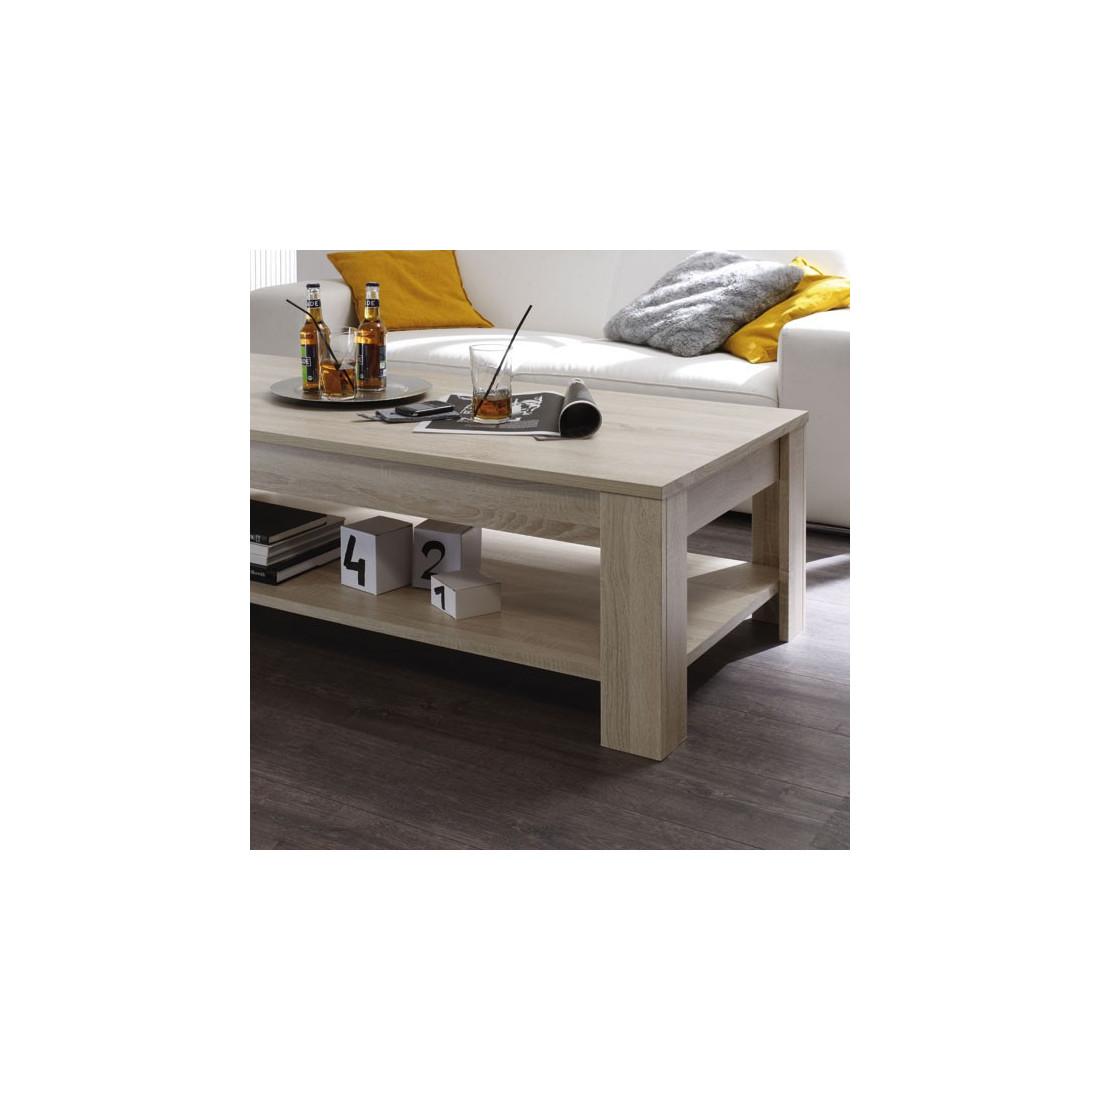 table basse 2 plateaux ch ne blond rubben univers du salon. Black Bedroom Furniture Sets. Home Design Ideas